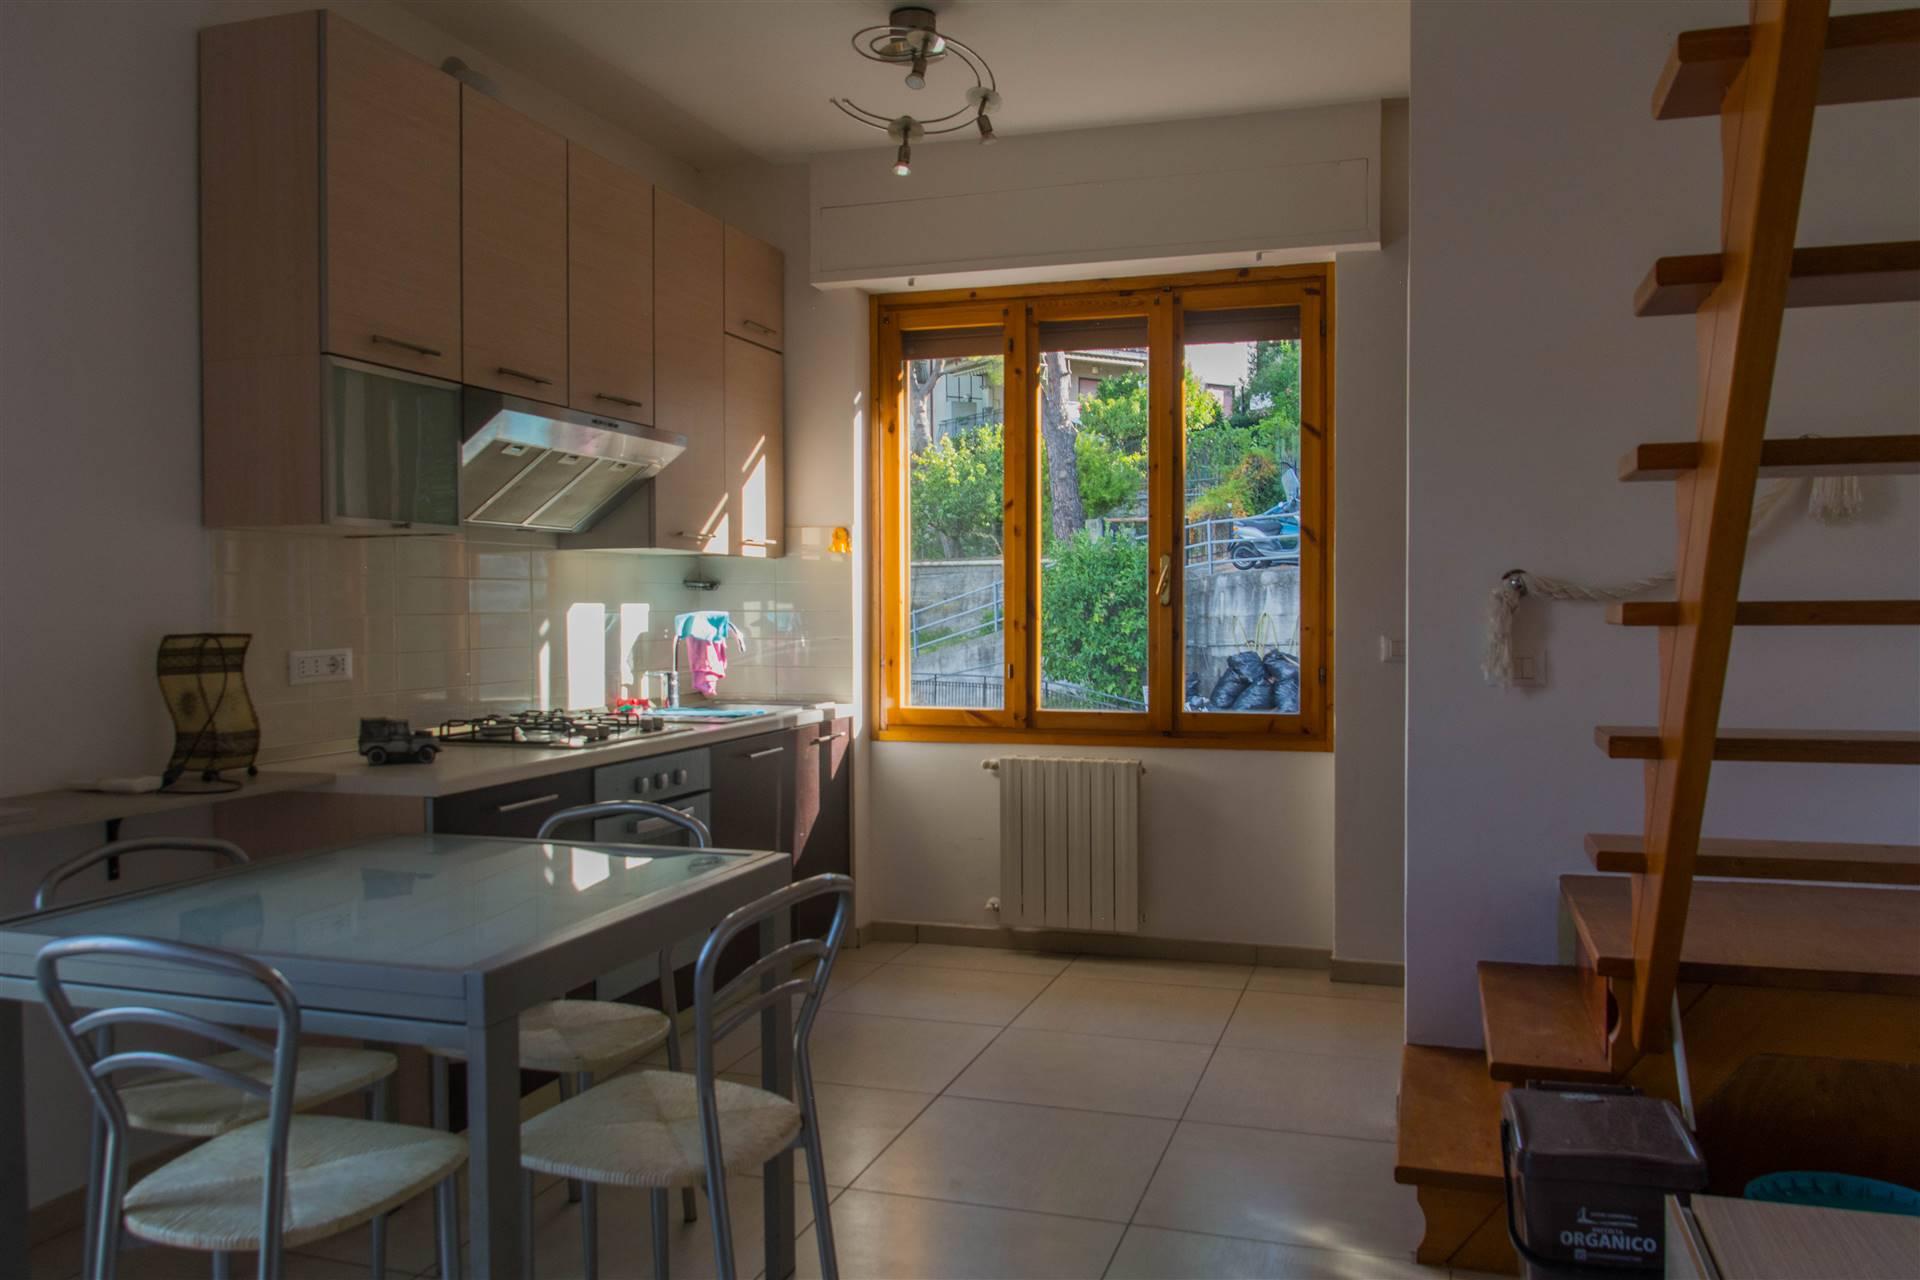 Appartamento in vendita a Bordighera, 3 locali, prezzo € 150.000   CambioCasa.it